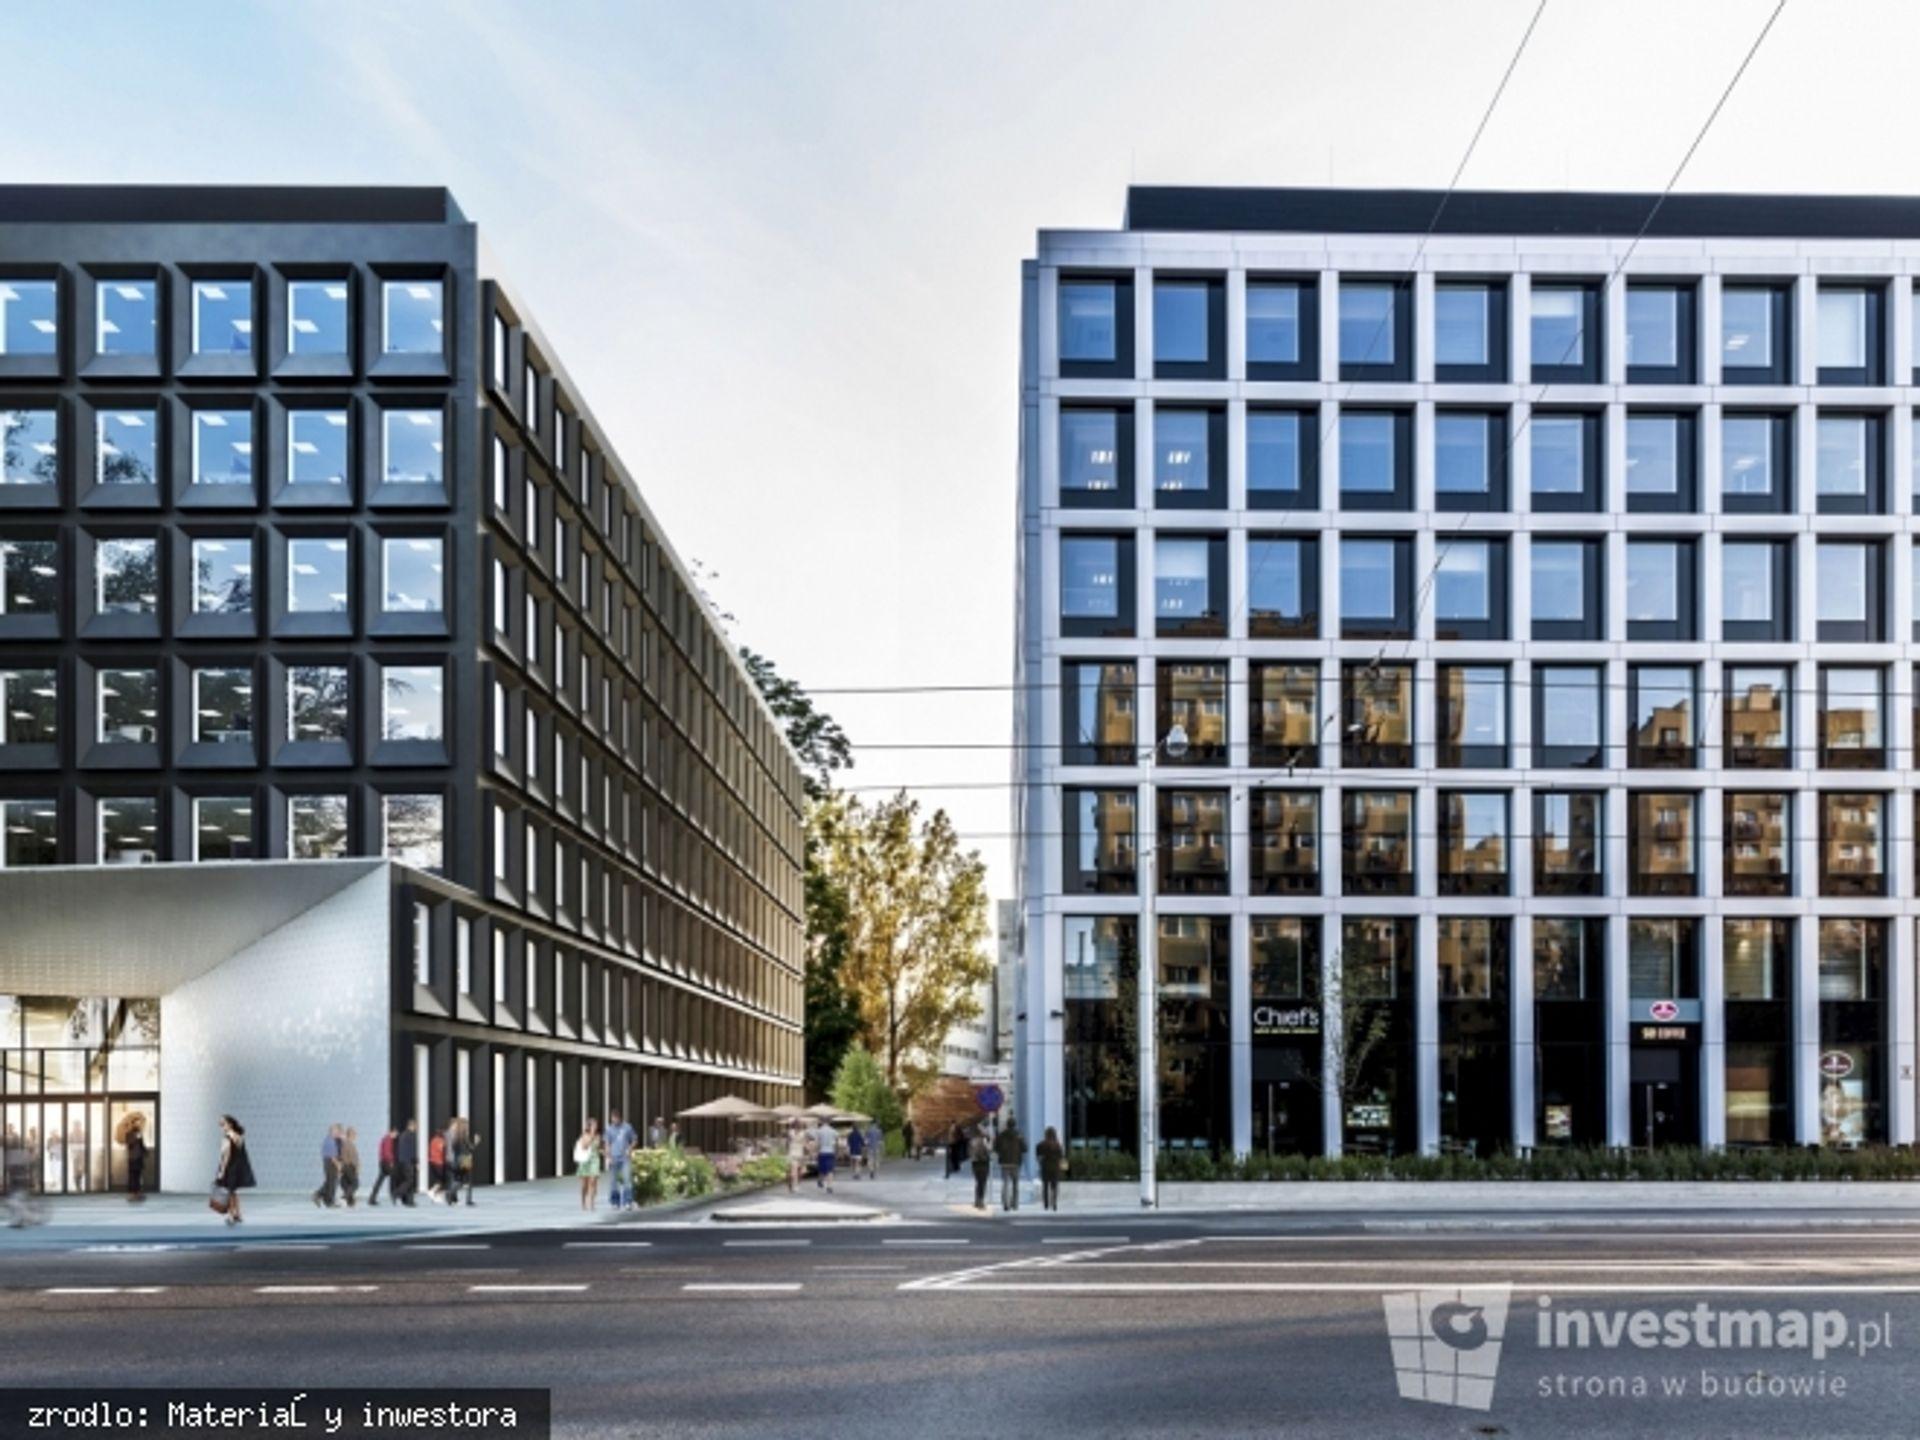 [Wrocław] Rusza Green 2Day – nowy projekt Skanska Property Poland we Wrocławiu